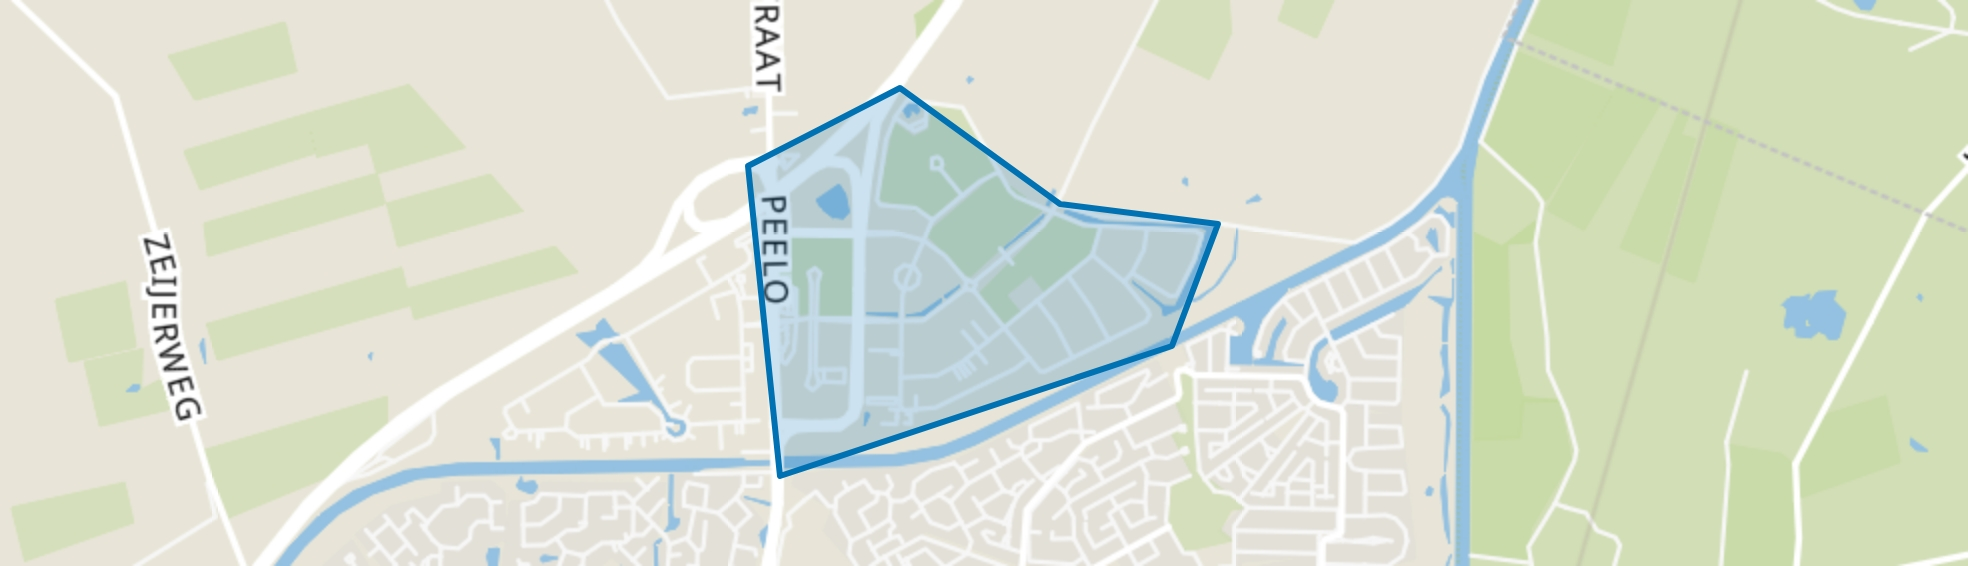 Messchenveld, Assen map